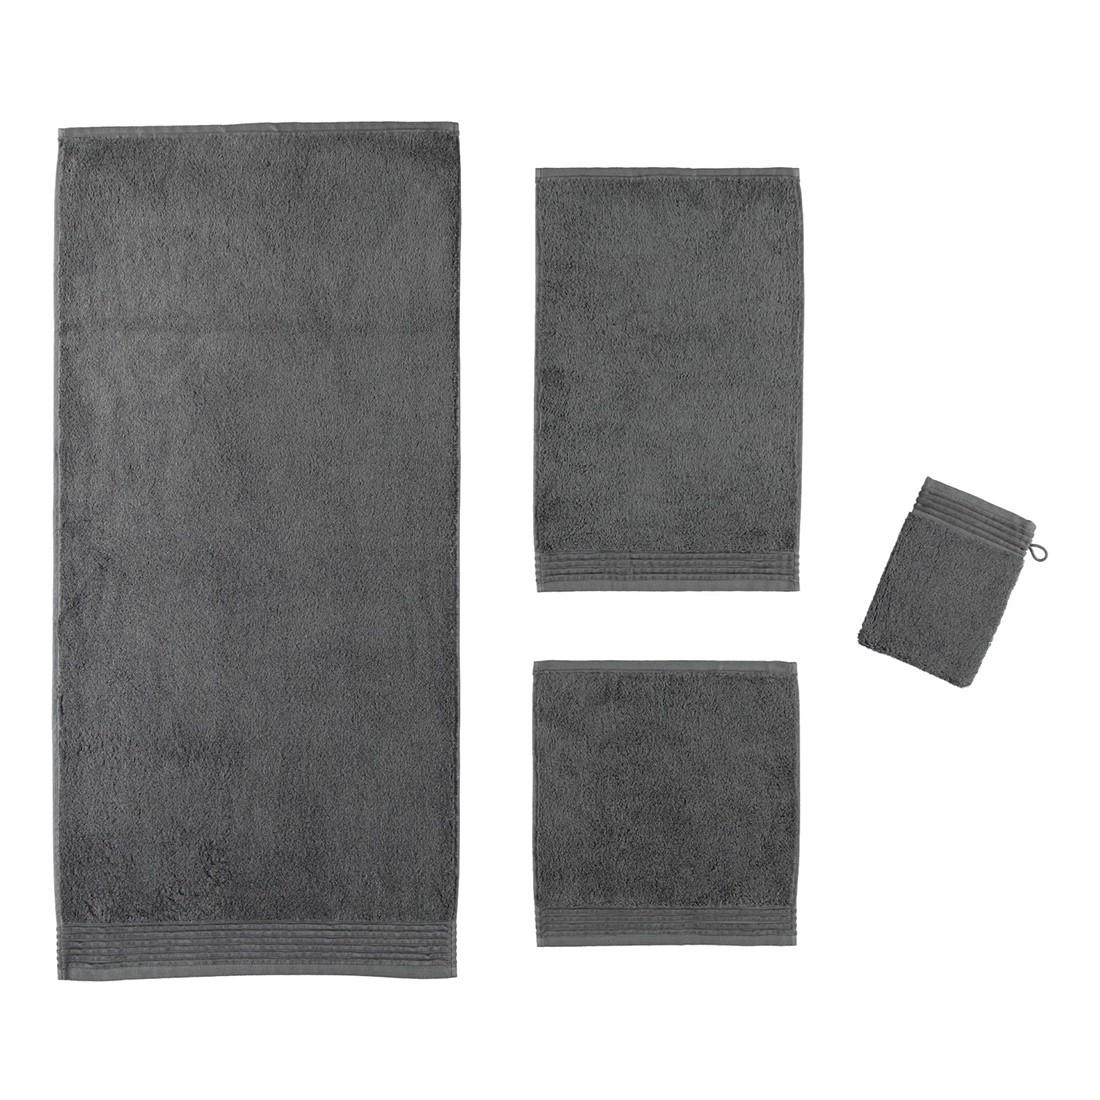 Handtuch LOFT – 100% Baumwolle graphit – 843 – Duschtuch: 80 x 150 cm, Möve günstig kaufen